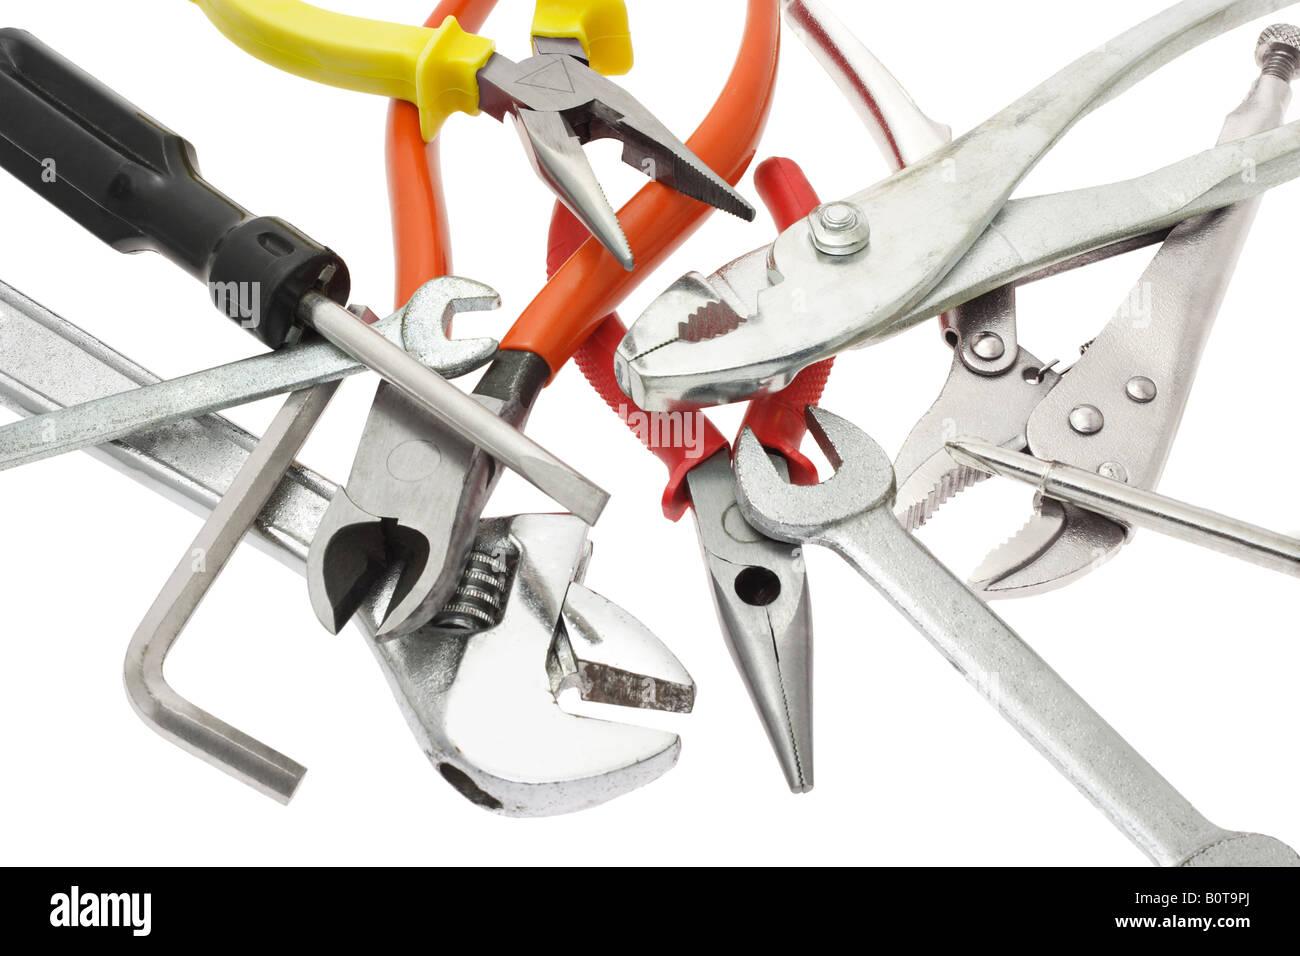 Auswahl an Heimwerker Werkzeuge nach dem Zufallsprinzip auf weißem Hintergrund platziert Stockbild